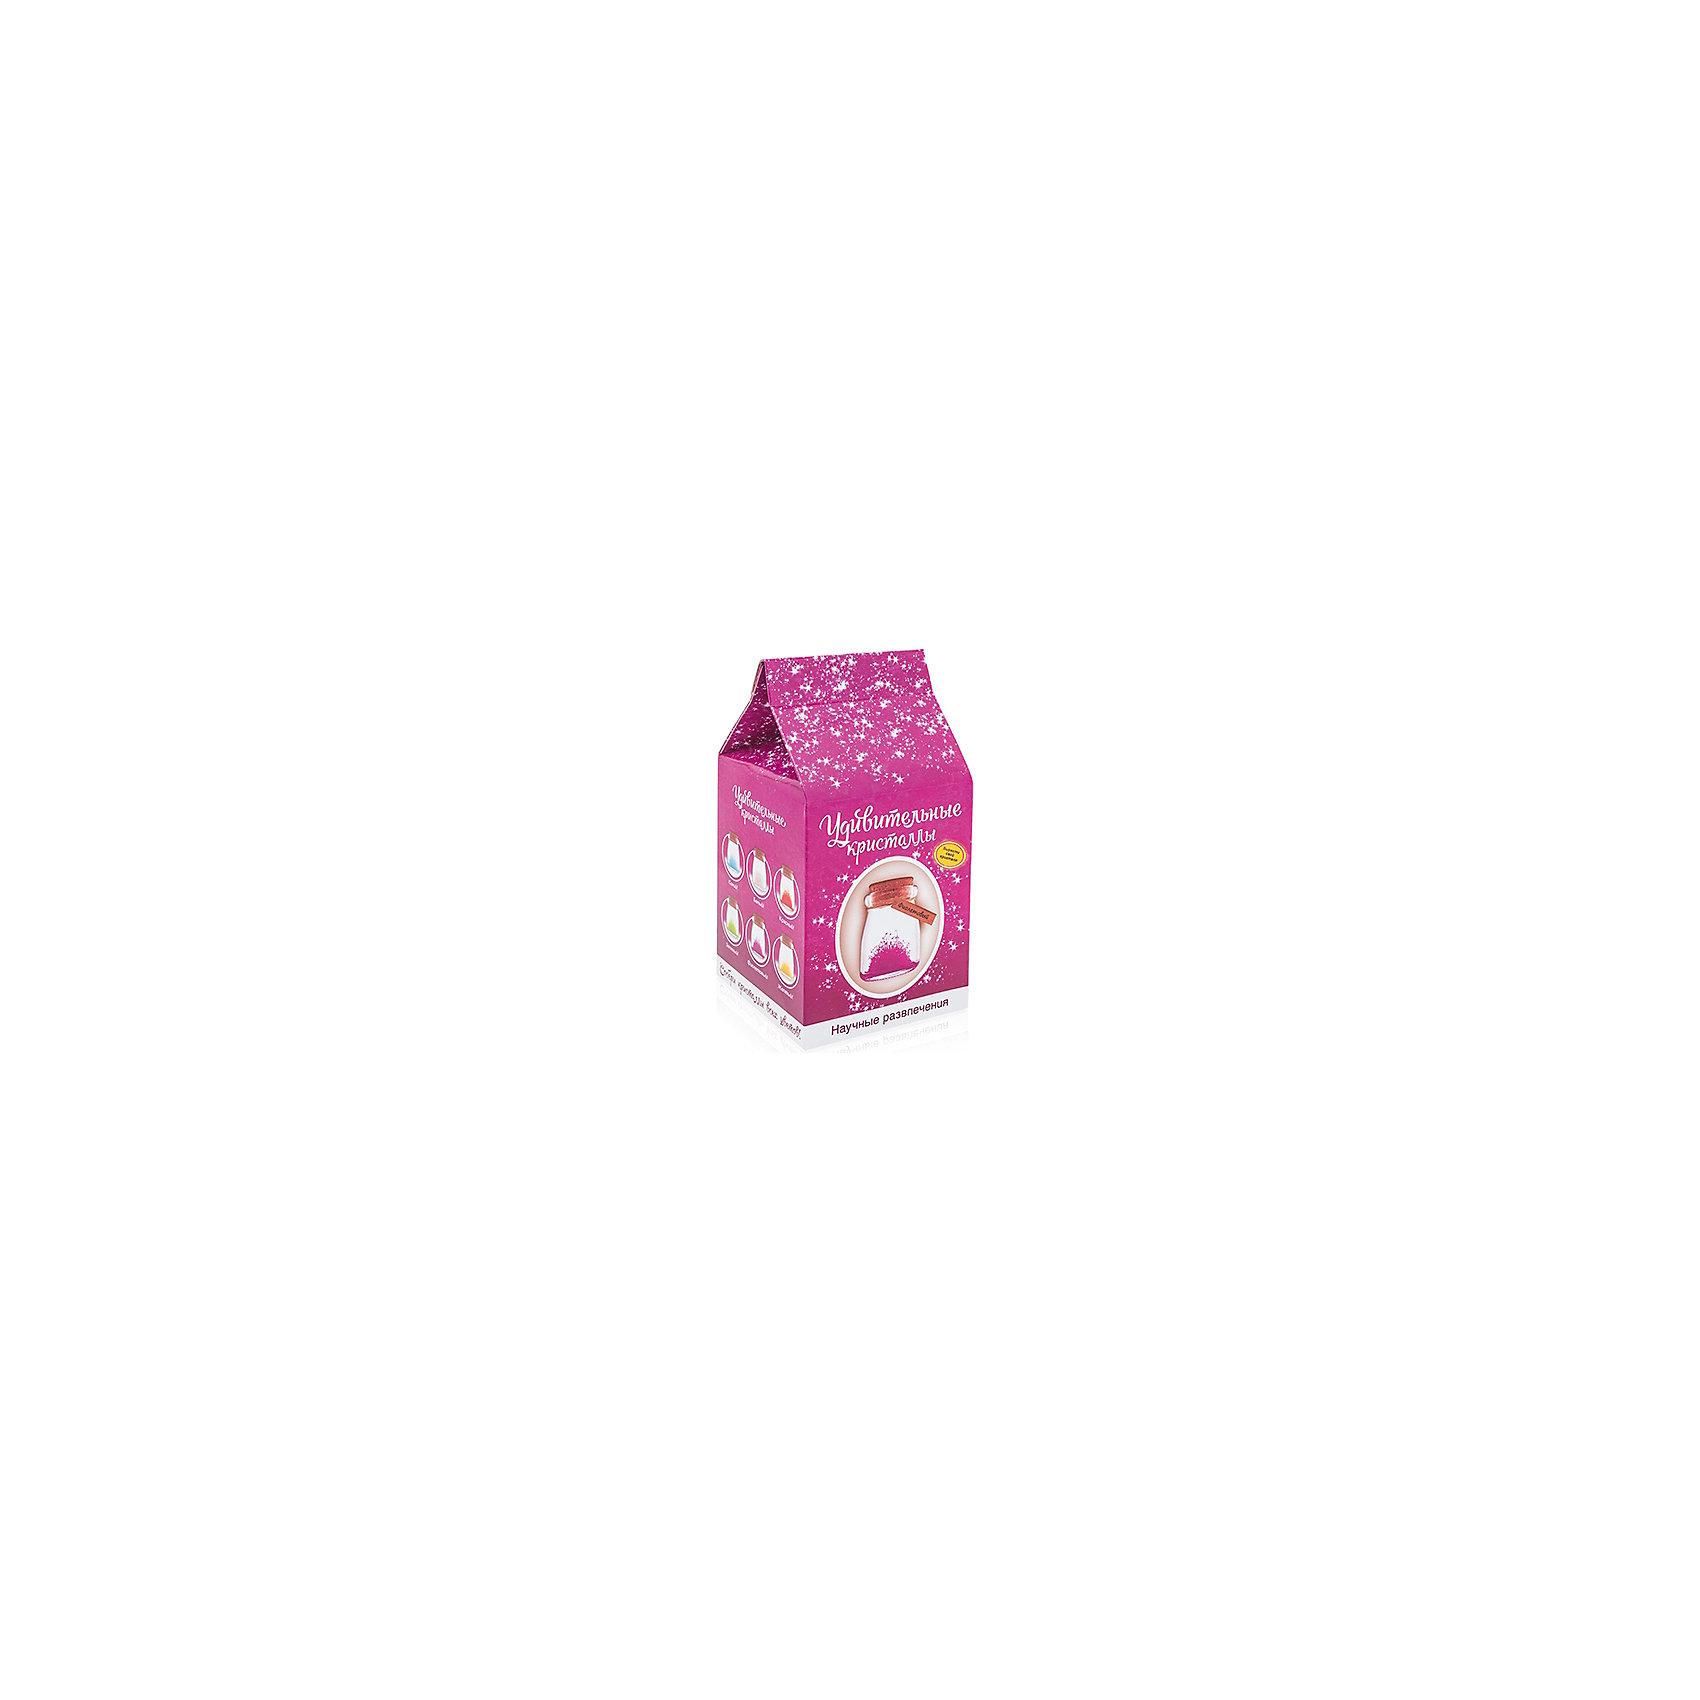 Набор для выращивания кристаллос Удивительный кристалл - Фиолетовый БумбарамВыращивание кристаллов<br>Удивительный кристалл - Фиолетовый, Бумбарам<br><br>Характеристики:<br><br>• прост в использовании<br>• пошаговая инструкция<br>• безопасные материалы<br>• привлекательная упаковка <br>• можно следить за процессом<br>• в наборе: баночка, кристаллический порошок, кристаллическая таблетка, палочка, веревочка, пробка, карточка, инструкция<br>• размер упаковки: 15х8 см<br>• вес: 250 грамм<br>• цвет: синий<br><br>Удивительный кристалл - набор для творчества. Он хорошо развивает усидчивость и внимательность. С его помощью ребенок сможет сделать прекрасный подарок своими руками. Инструкция очень проста: нужно налить воды в баночку, добавить в нее порошок и тщательно перемешать. Затем положить волшебную таблетку и закрыть баночку крышкой. Через несколько часов можно снять крышку. Через 14-20 дней волшебный кристалл готов! Готовая композиция особенно красиво смотрится под лампой. Удивительный кристалл - прекрасный выбор для начинающего алхимика!<br><br>Удивительный кристалл - Фиолетовый, Бумбарам вы можете приобрести в нашем интернет-магазине.<br><br>Ширина мм: 75<br>Глубина мм: 75<br>Высота мм: 150<br>Вес г: 250<br>Возраст от месяцев: 168<br>Возраст до месяцев: 240<br>Пол: Унисекс<br>Возраст: Детский<br>SKU: 5053954